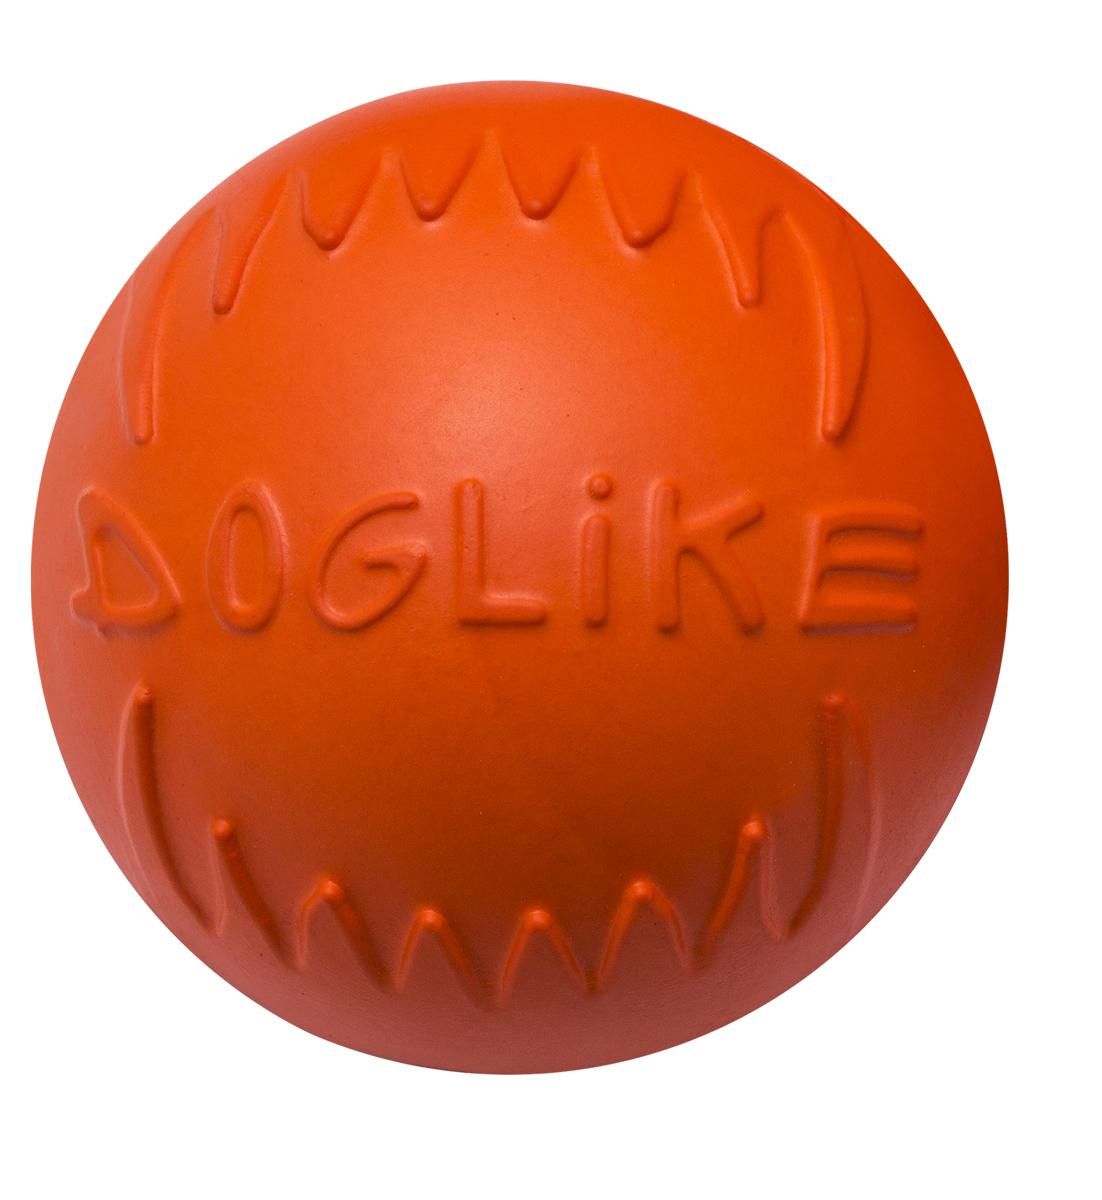 Игрушка для собак Doglike Мяч, цвет: оранжевый, диаметр 6,5 смZM4000_розовыйИгрушка Doglike Мяч выполнена из экологически чистого материала ЭВА. Он подходит для игры с маленькими породами собак. Мяч хорошо сохраняет эластичность. Безопасен для зубов и десен собаки. Мяч не тонет в воде. Диаметр: 6,5 см.